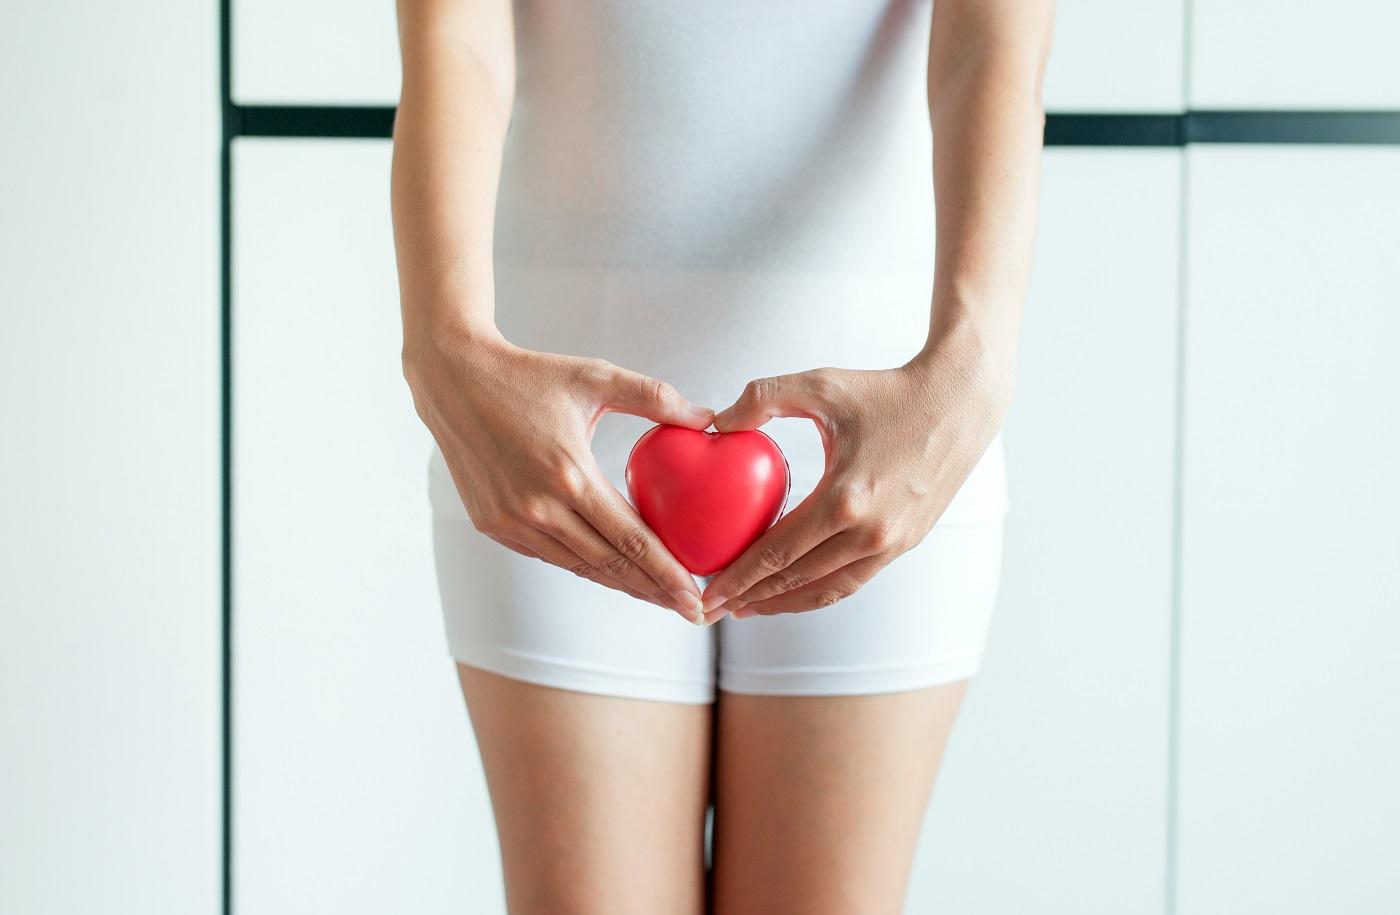 mięśnie kegla - ćwiczenia